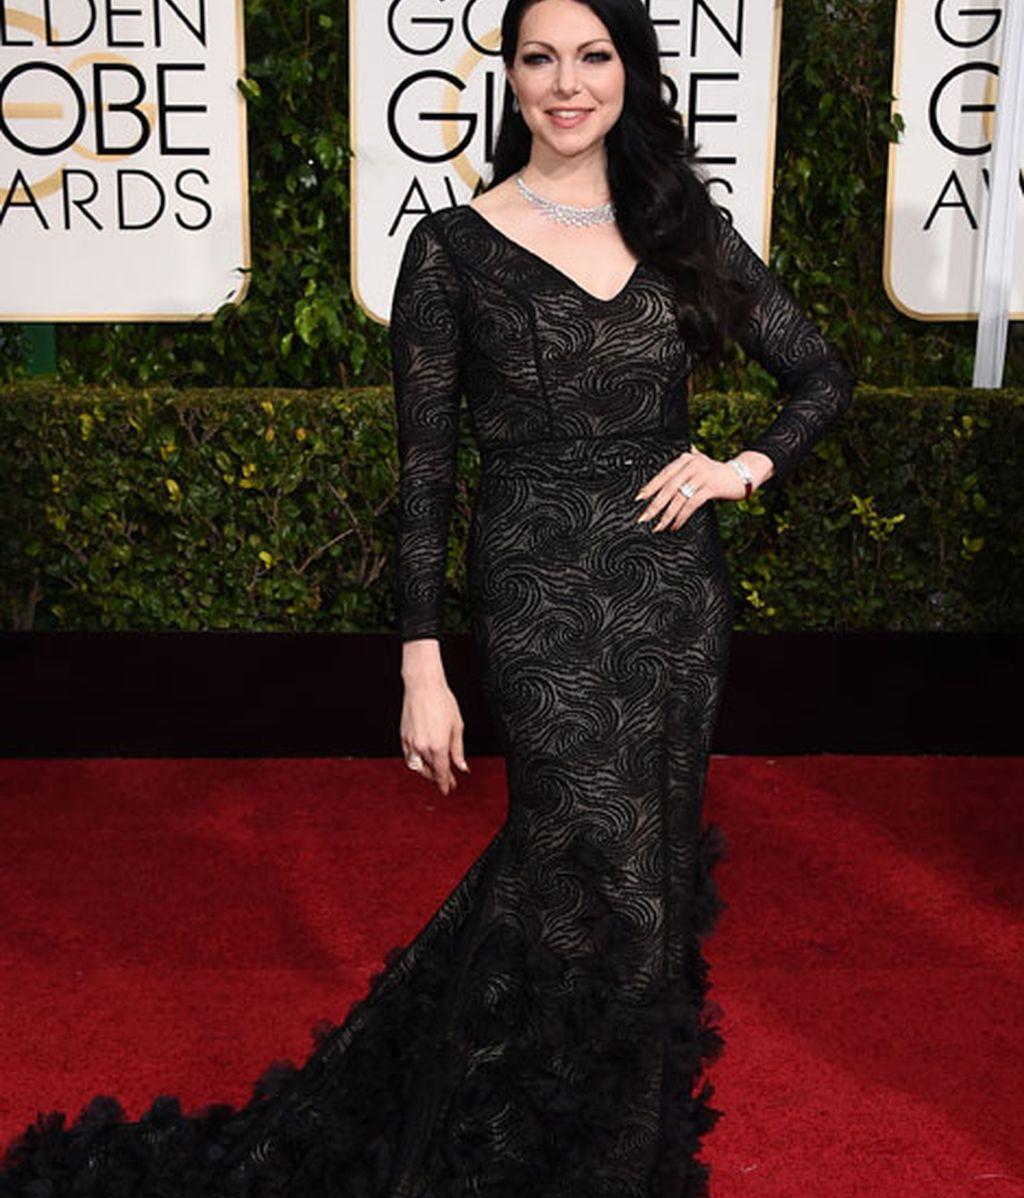 Laura Prepon en la alfombra roja de los Globos de Oro